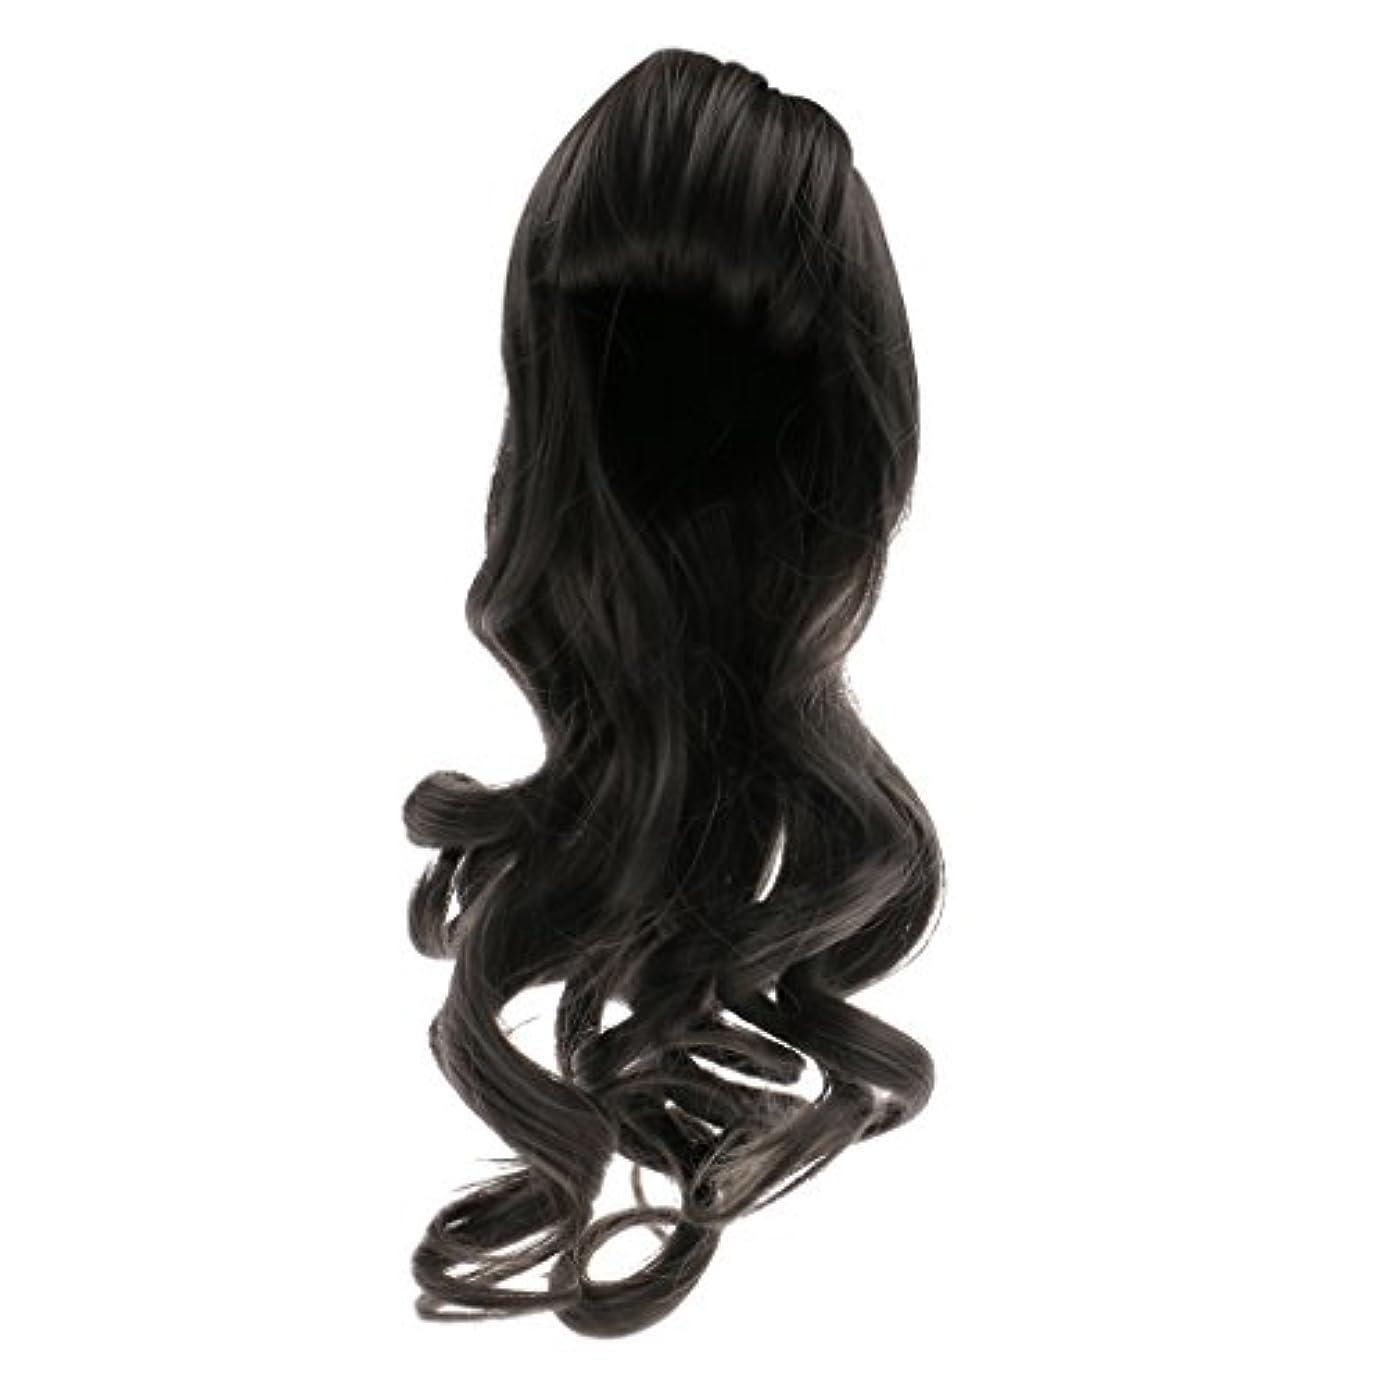 マート拷問山積みのBlesiya 人形用 ドールウィッグ かつら 巻き毛 波状髪 セクシー 前髪 ブライス人形適用 全6色選べ  - #1